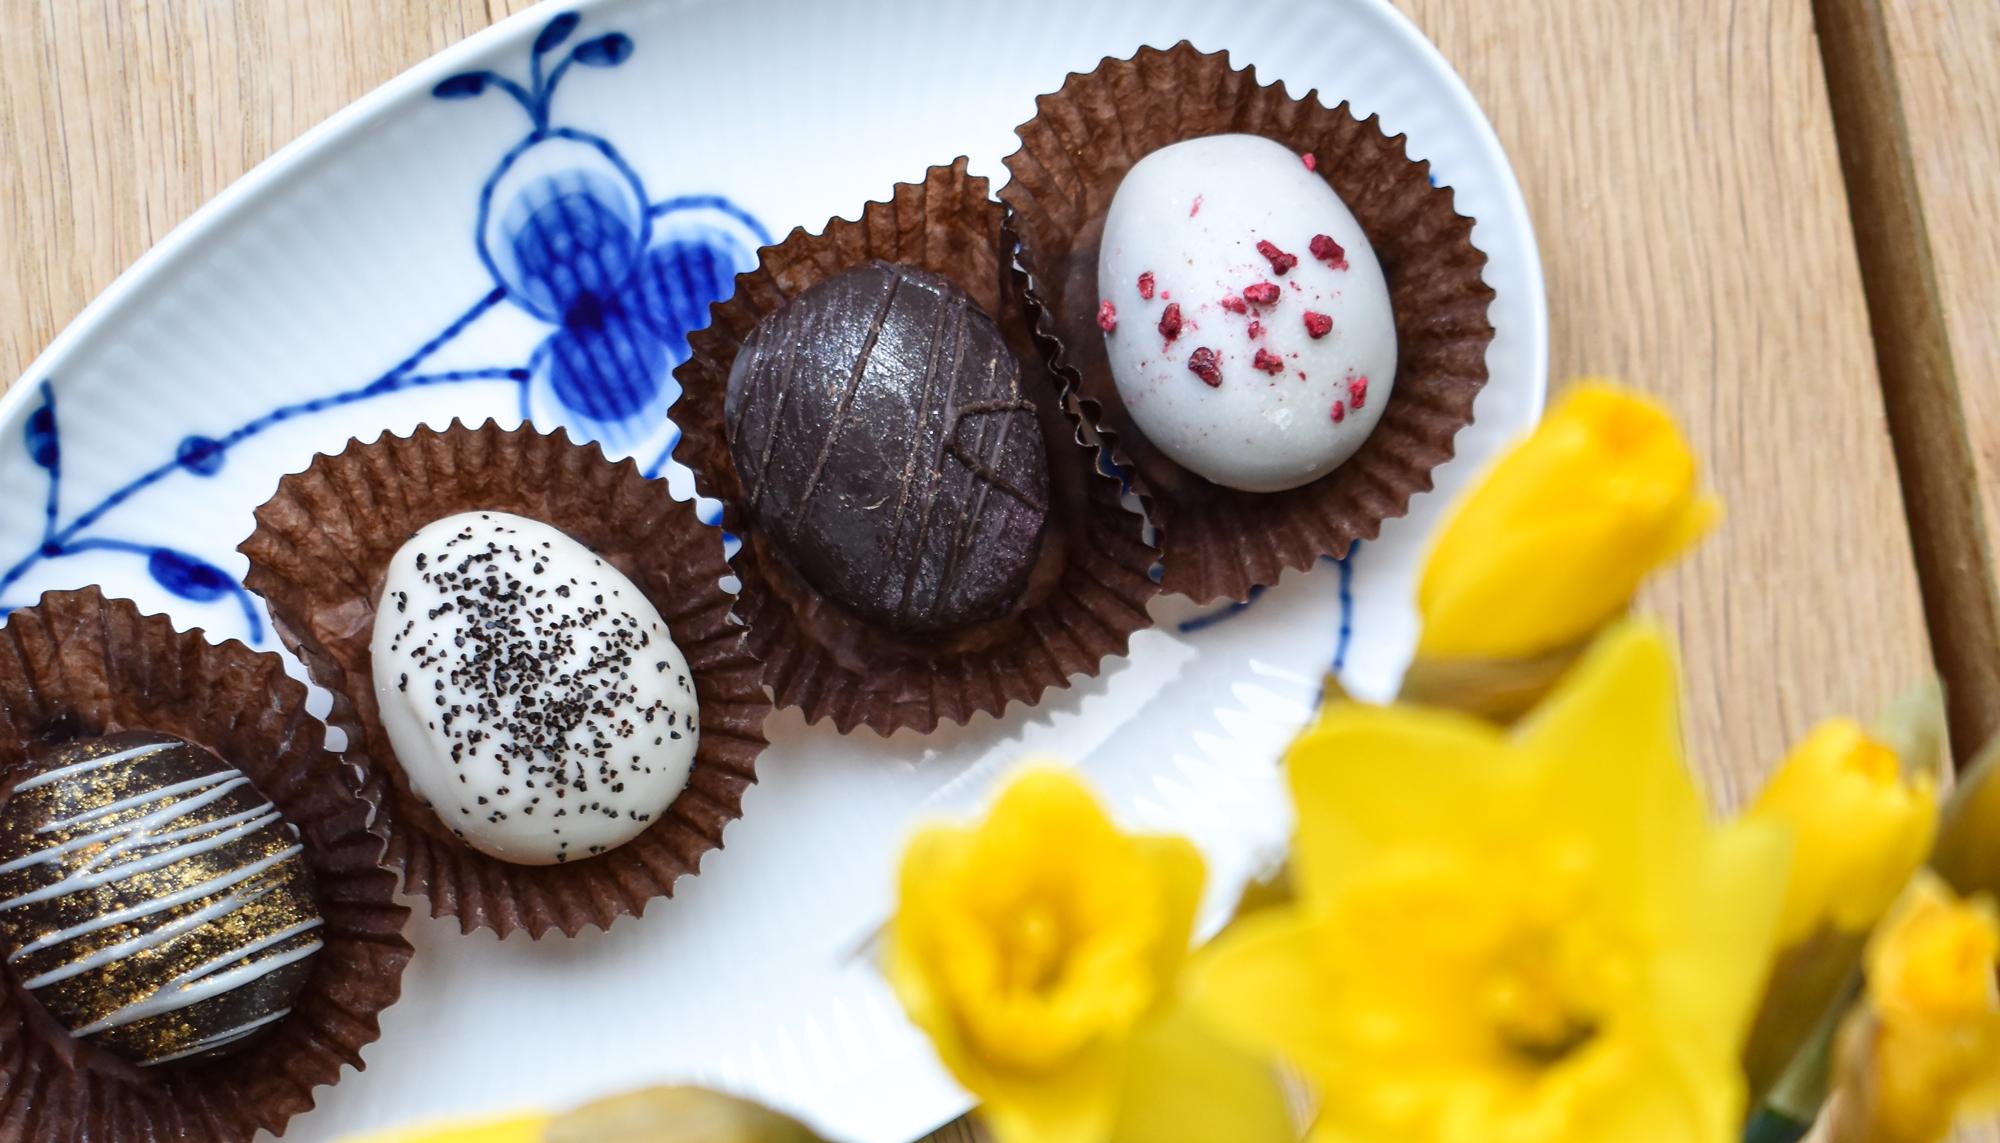 Dumle, Heksehyl og hindbær: Othellobageren præsenterer årets påskeæg